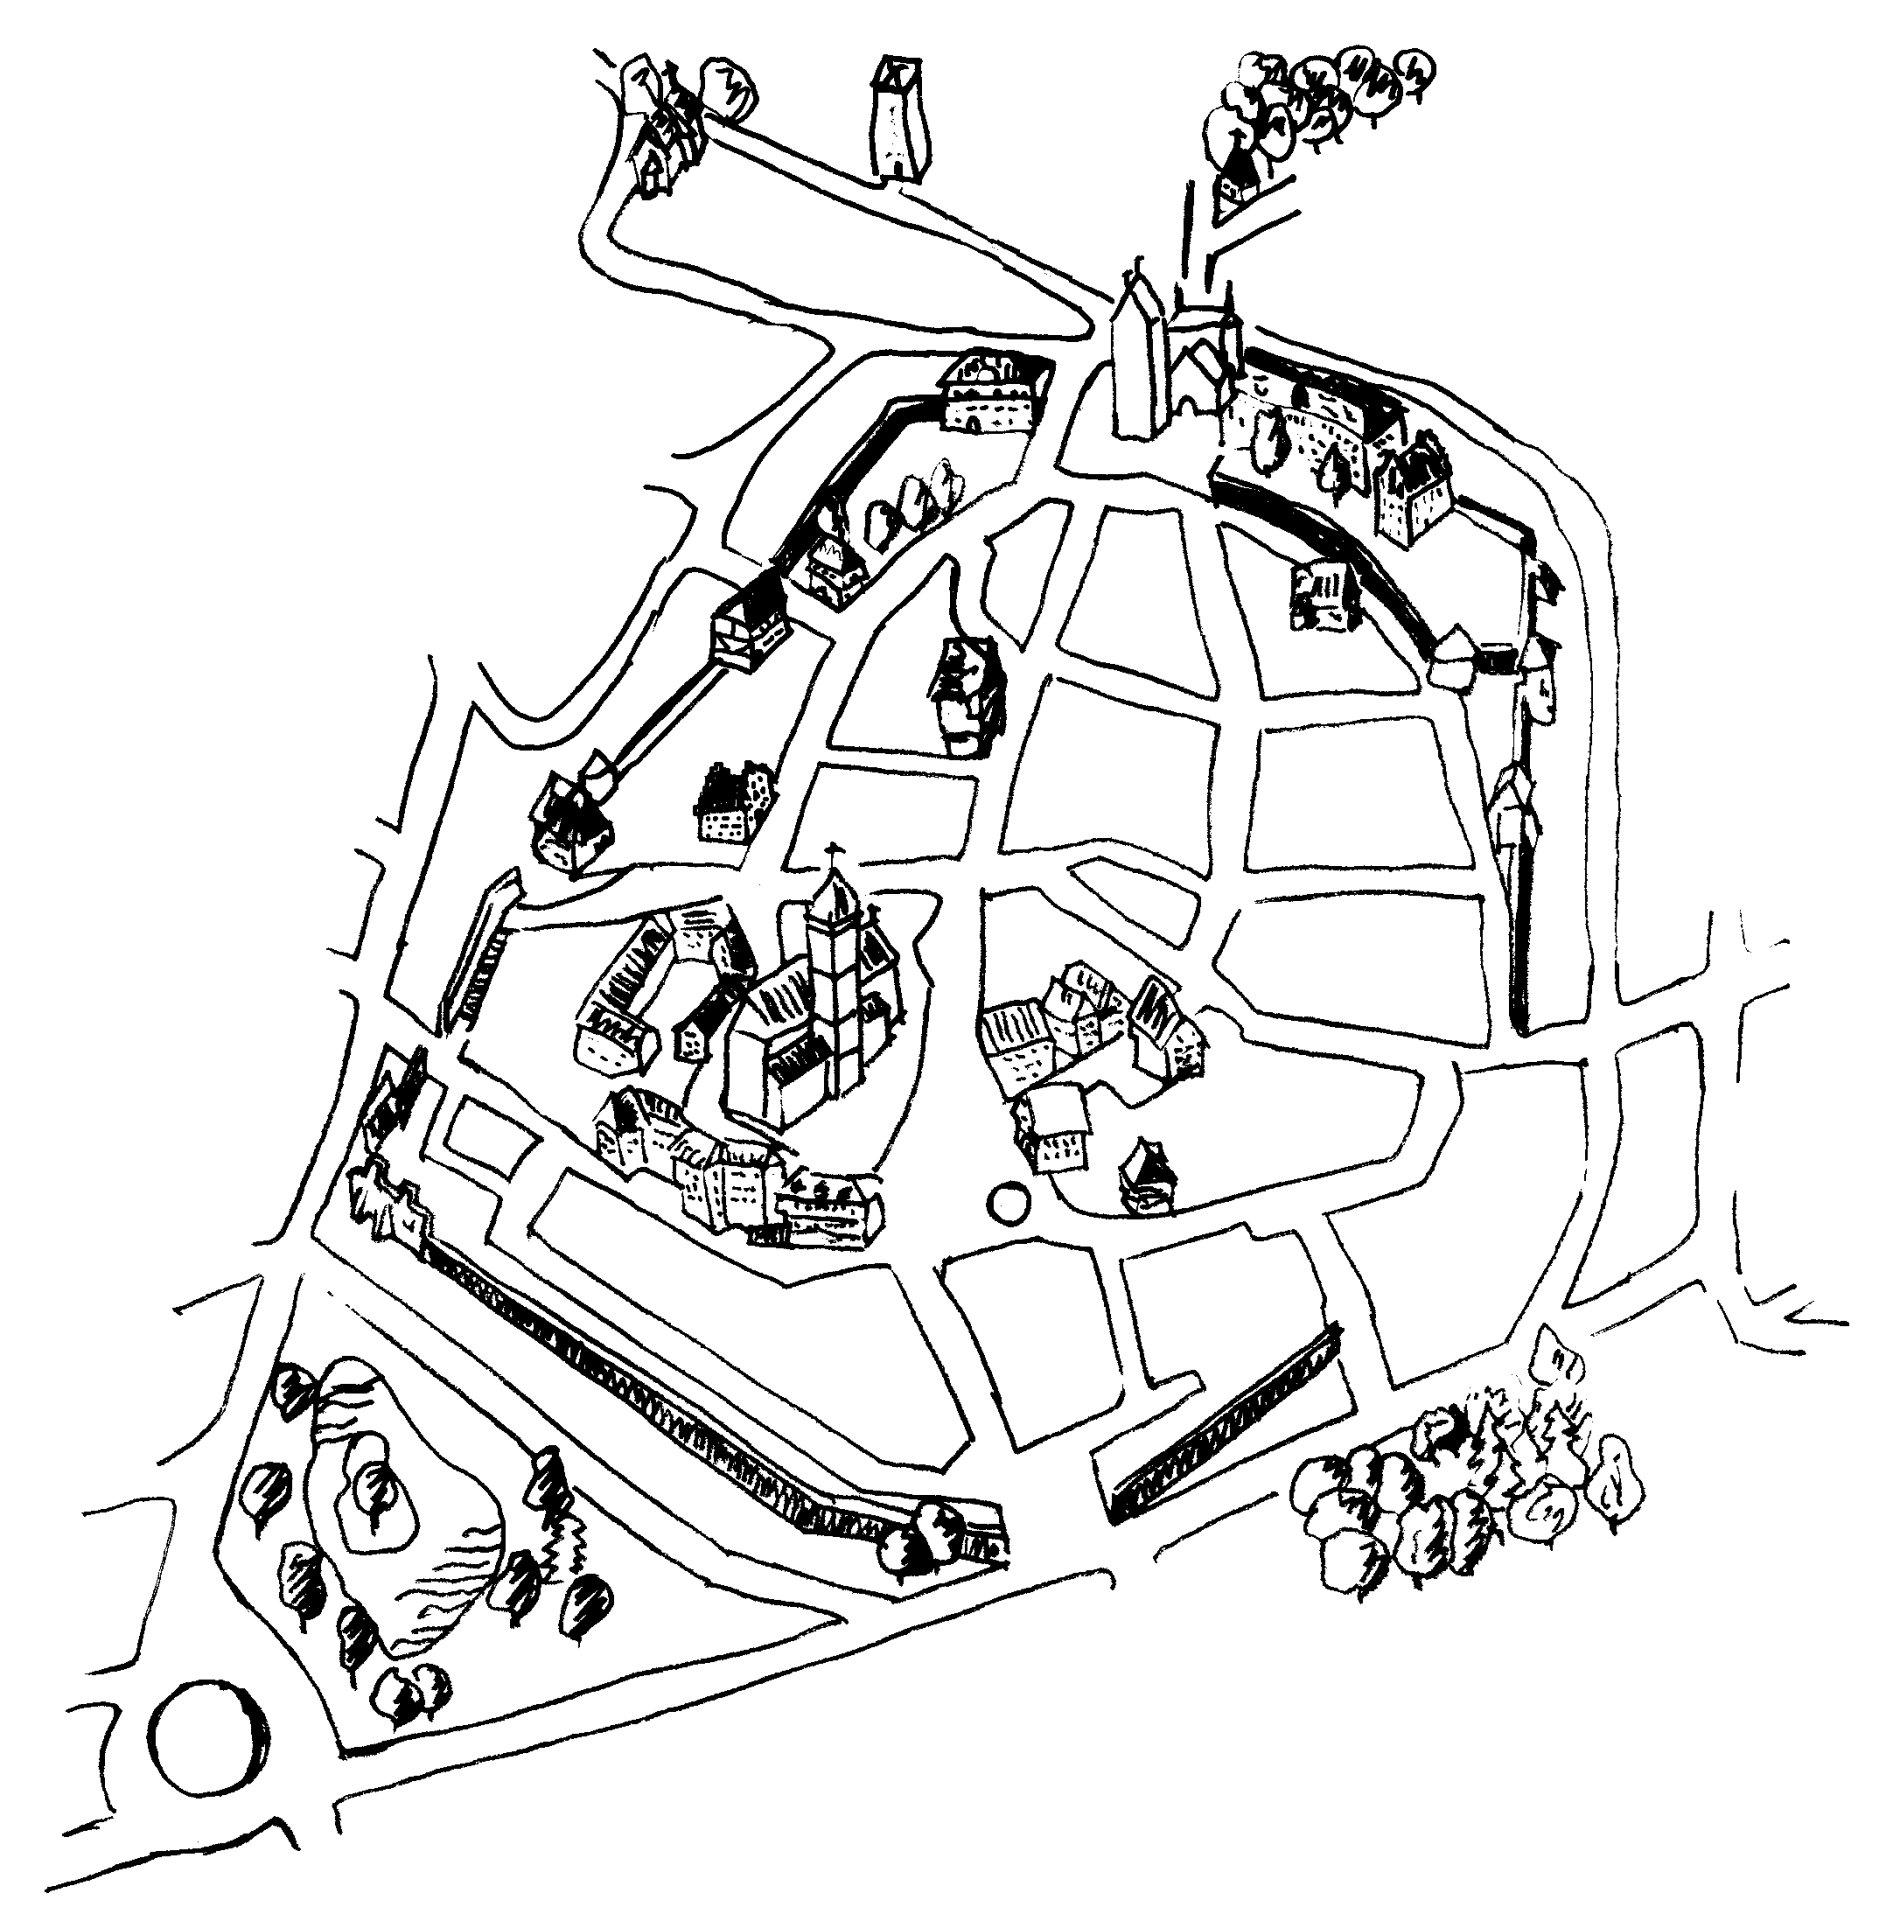 Plan Stadtrundgang Altstadtrallye